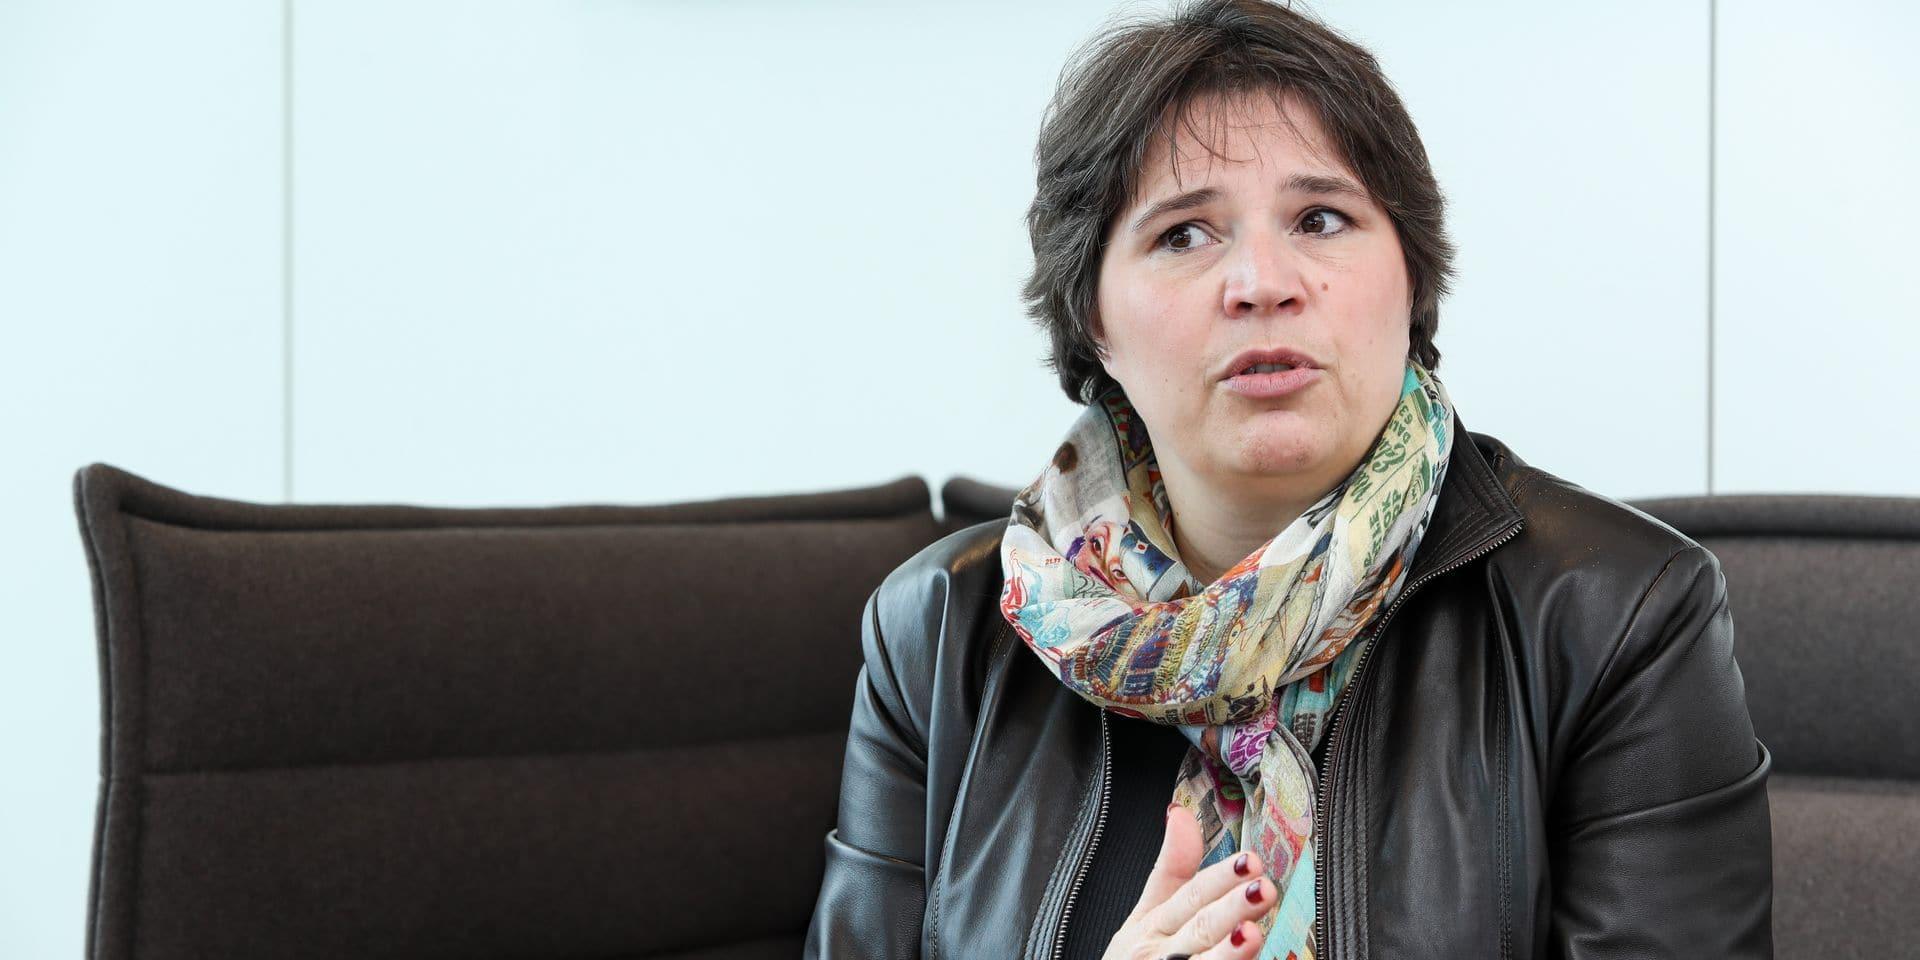 """Cécile Jodogne: """"Si je deviens la première femme sur notre liste régionale, je renonce à mon mandat d'échevine"""""""